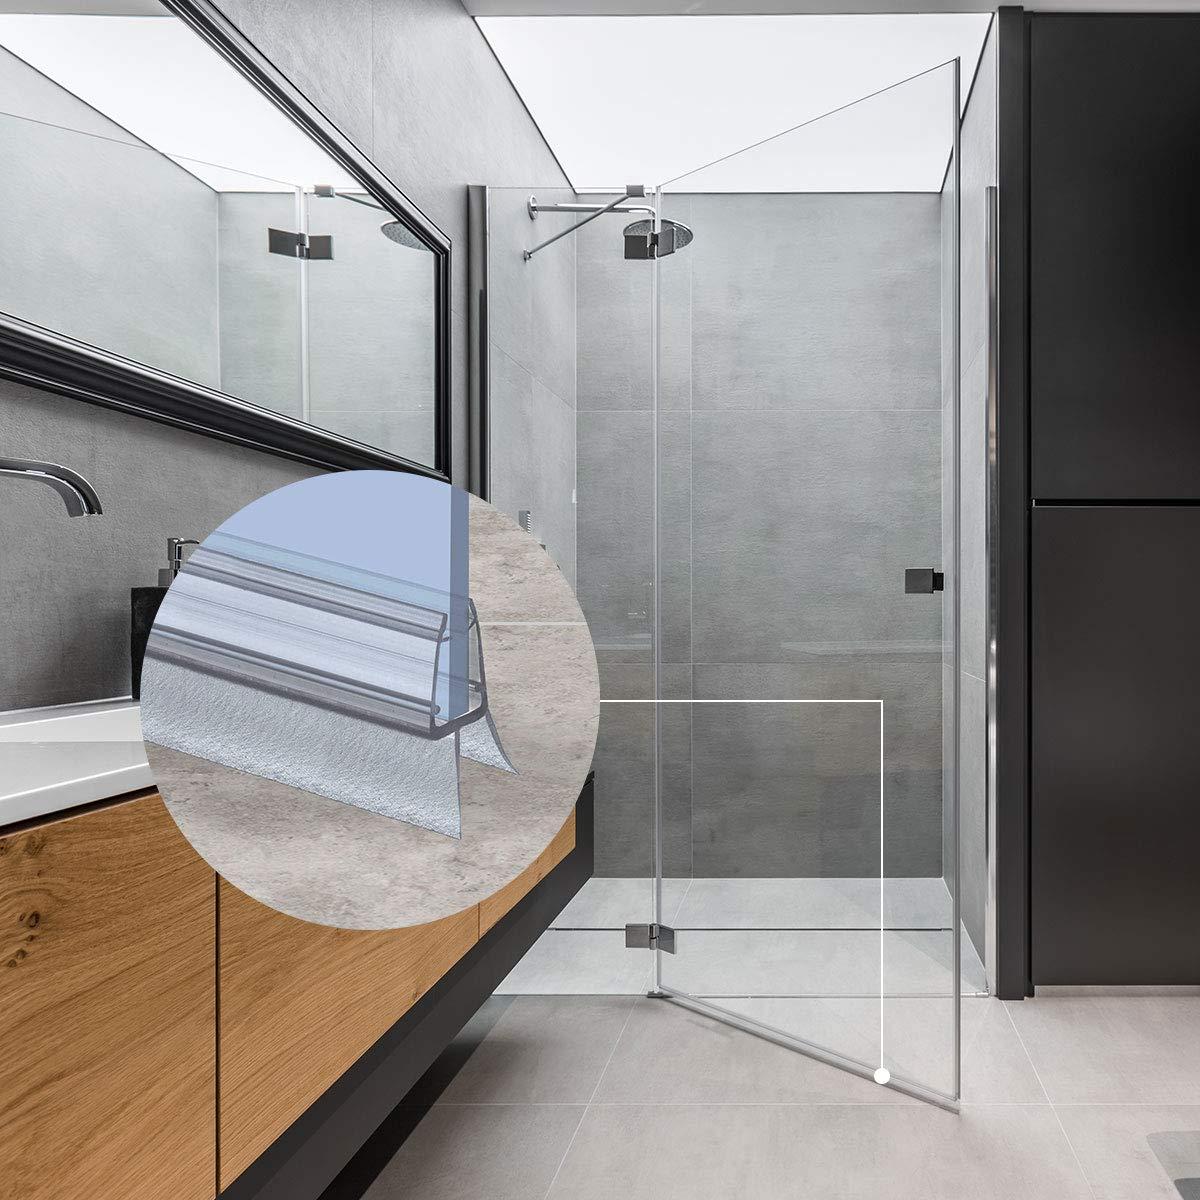 UK33-06 Guarnizione box doccia per 5mm// 6mm Spessore del vetro Guarnizione doccia sostitutiva deflettente Protegge la cabina dallumidit/à dritta STEIGNER 40cm